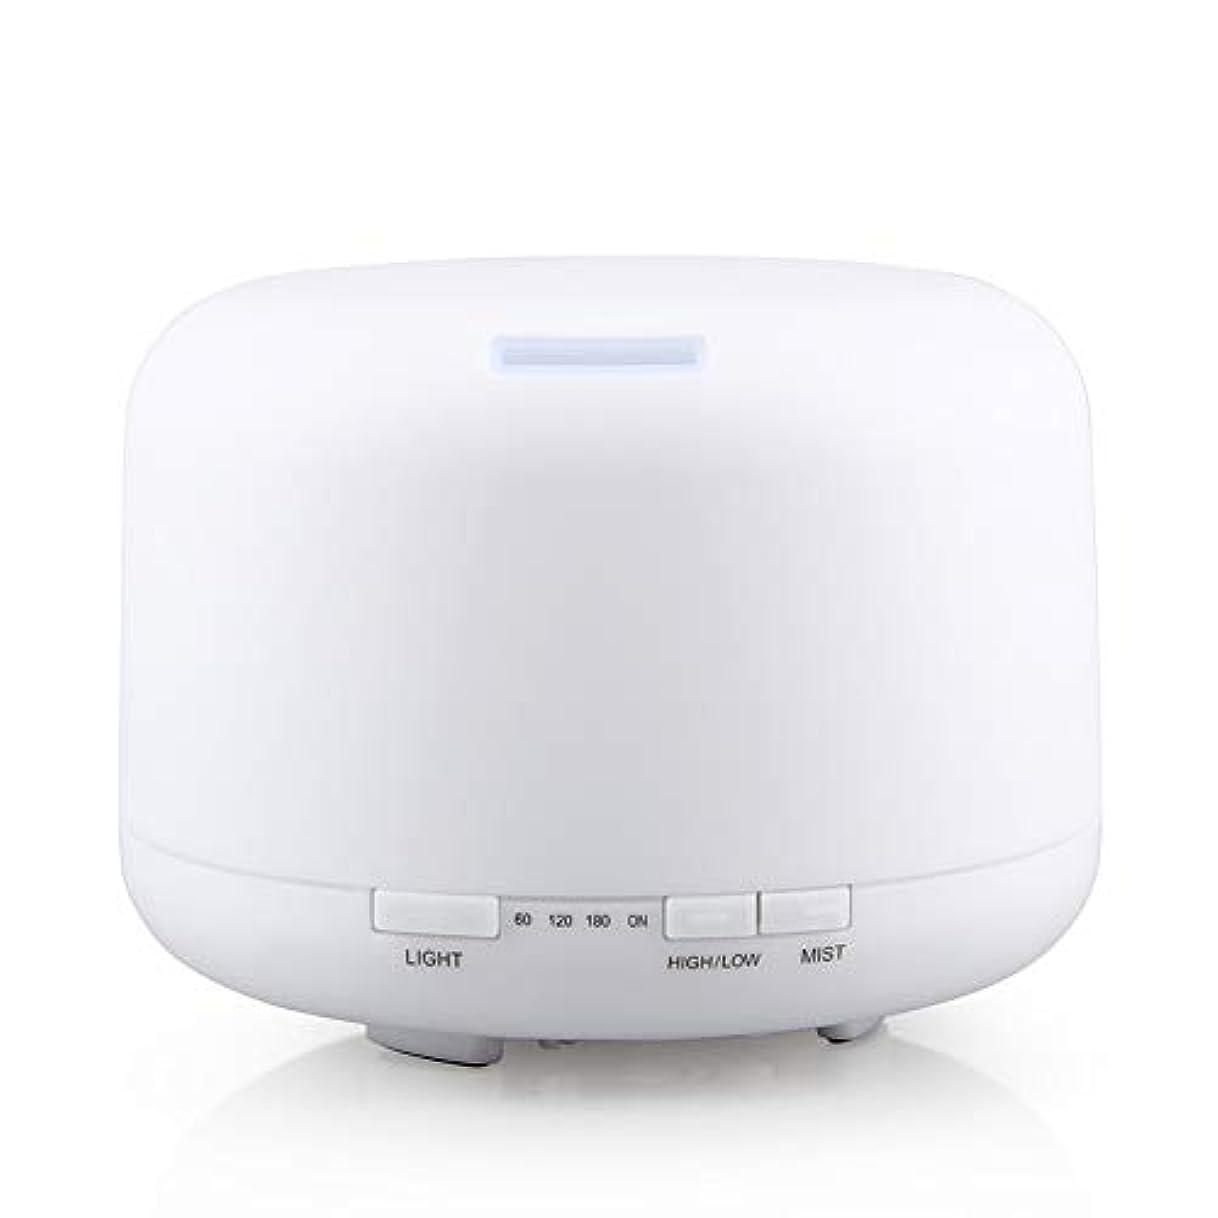 存在する医学乱す500ml 家庭用加湿器プラグイン超音波アロマセラピーマシンエッセンシャルオイル加湿器ホームナイトライト